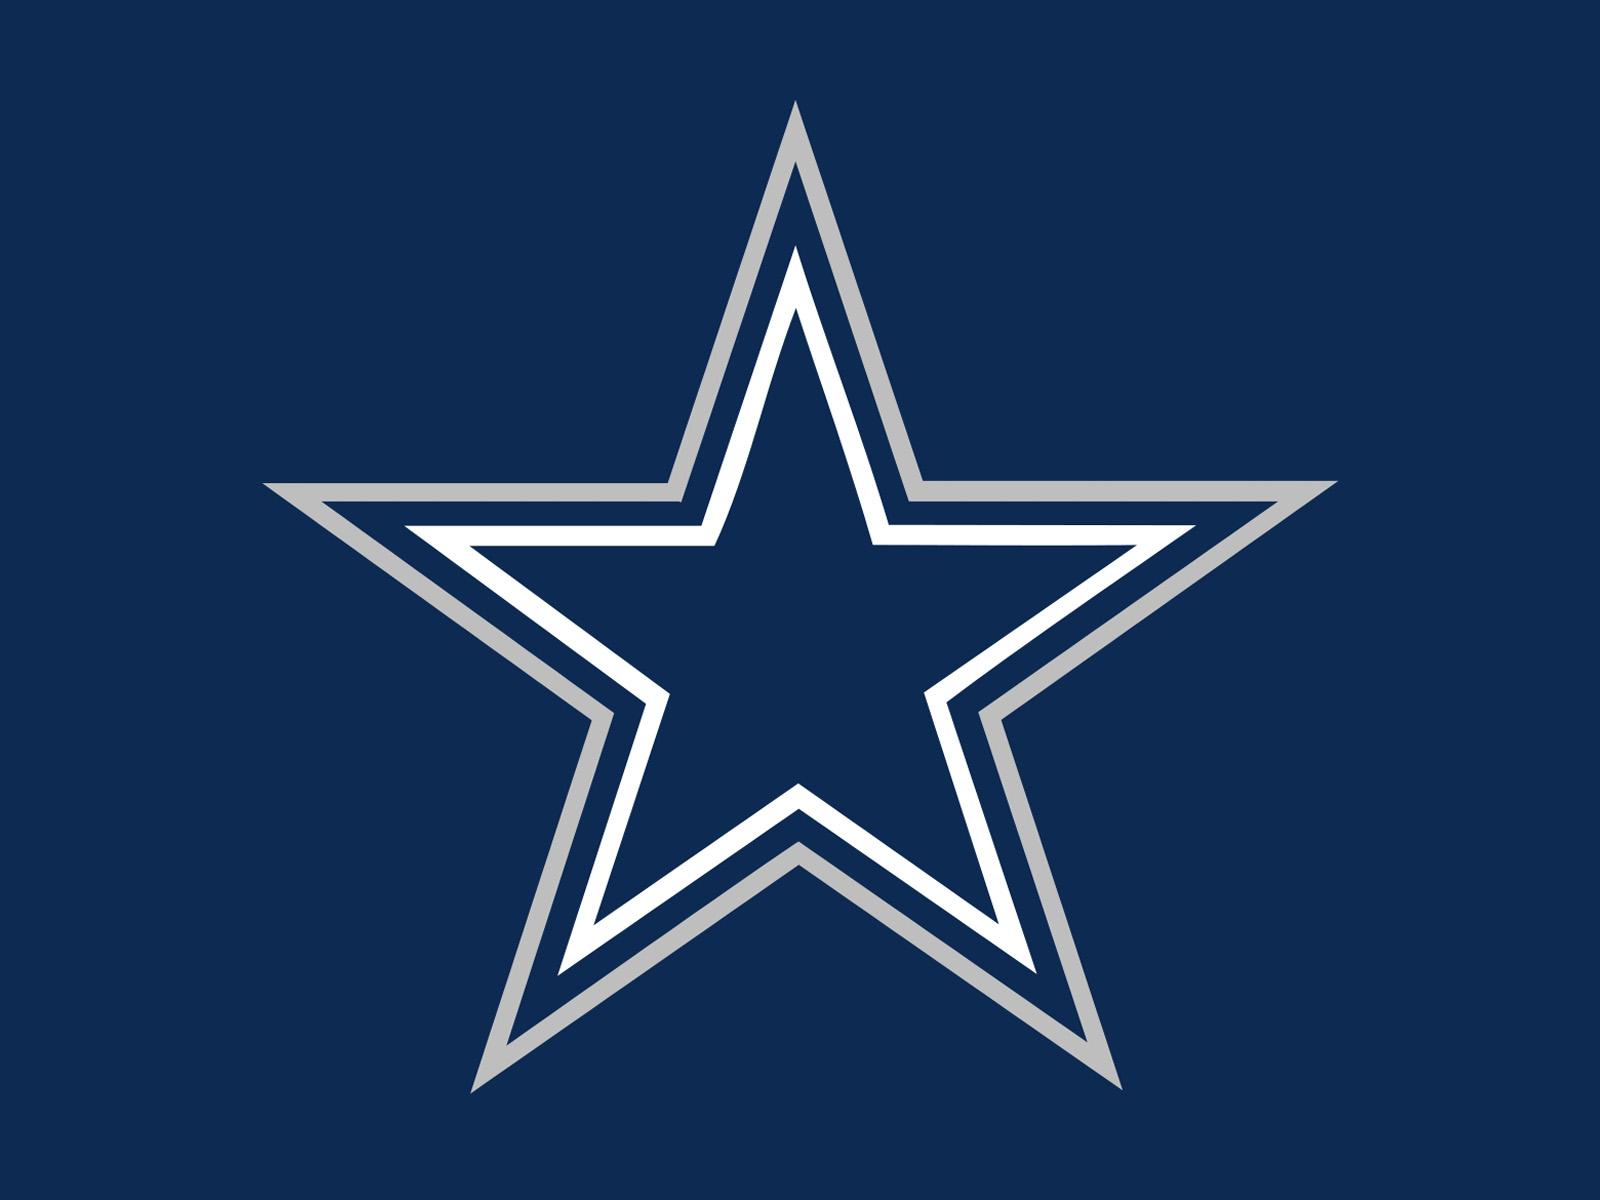 desktopnfldallas cowboysnfl dallas cowboys blue star logo 1600x1200 1600x1200